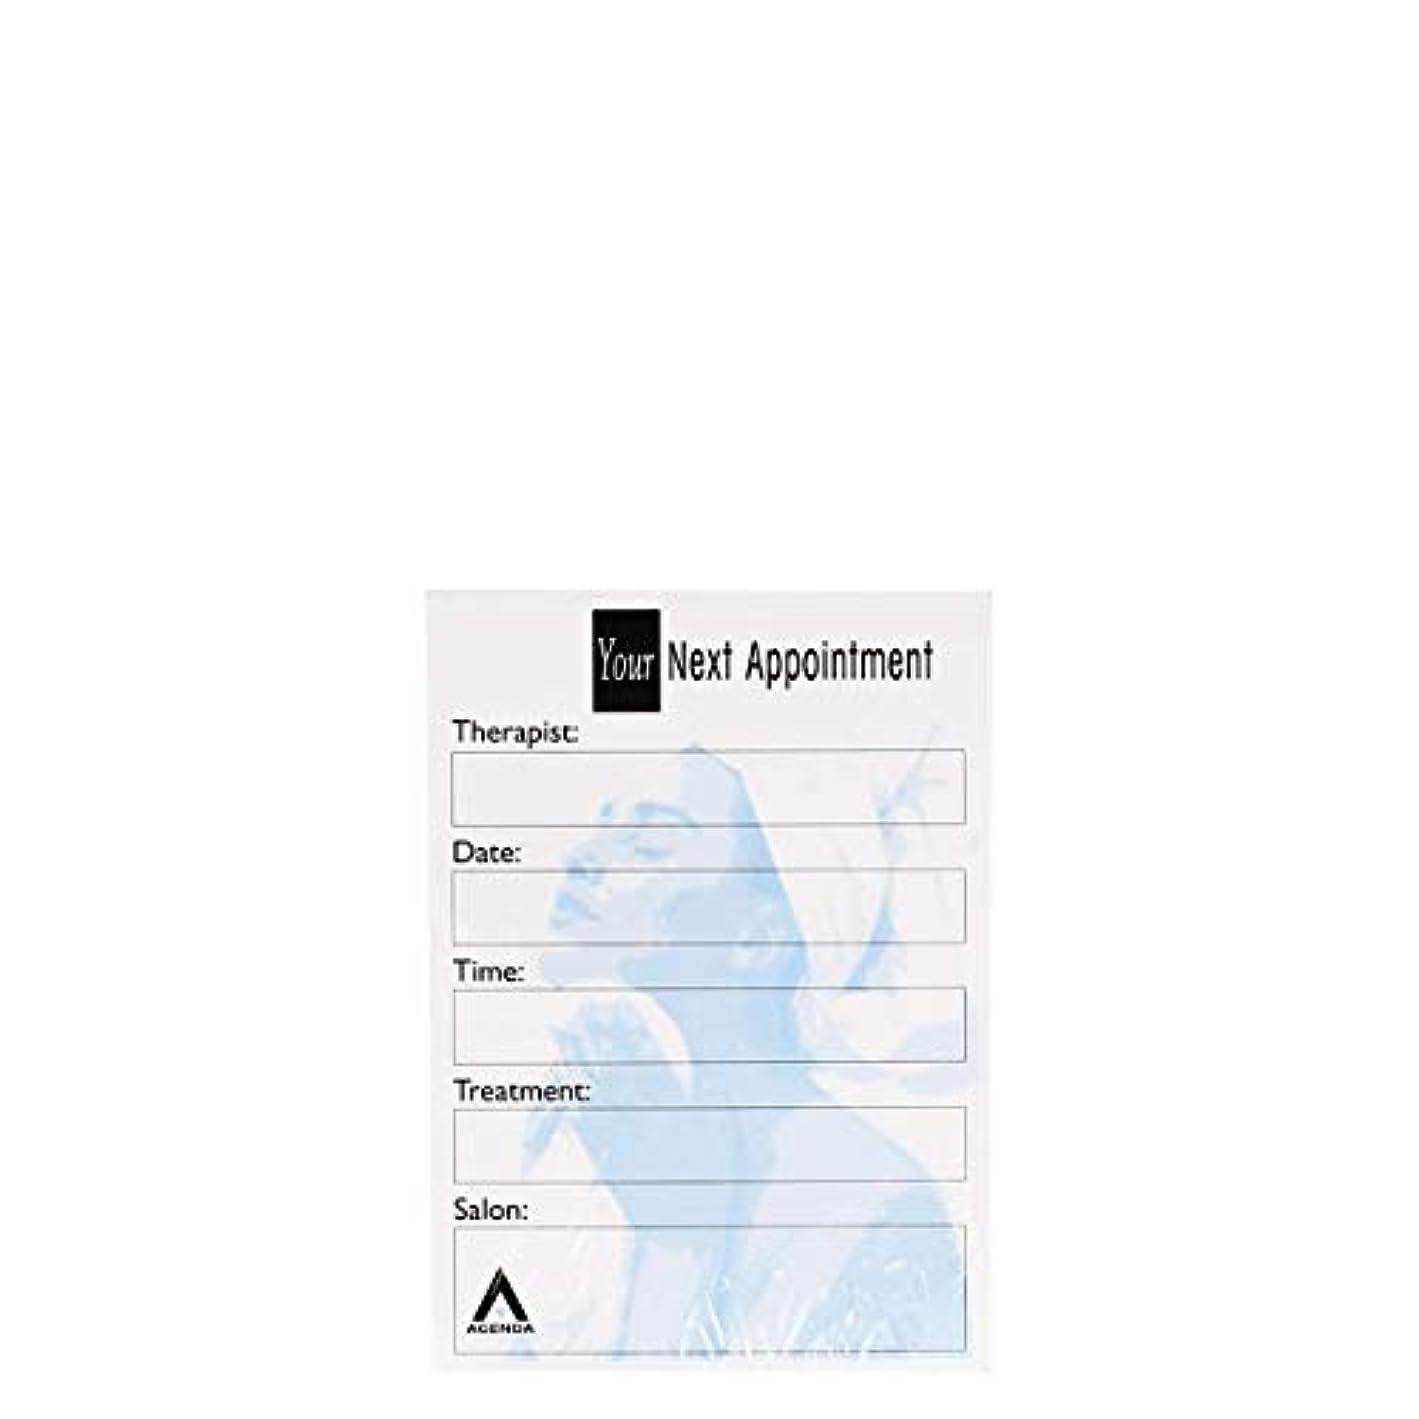 経済的ドラムディレクターアジェンダ サロンコンセプト ネイルアポイントメントカードAP7B x100[海外直送品] [並行輸入品]